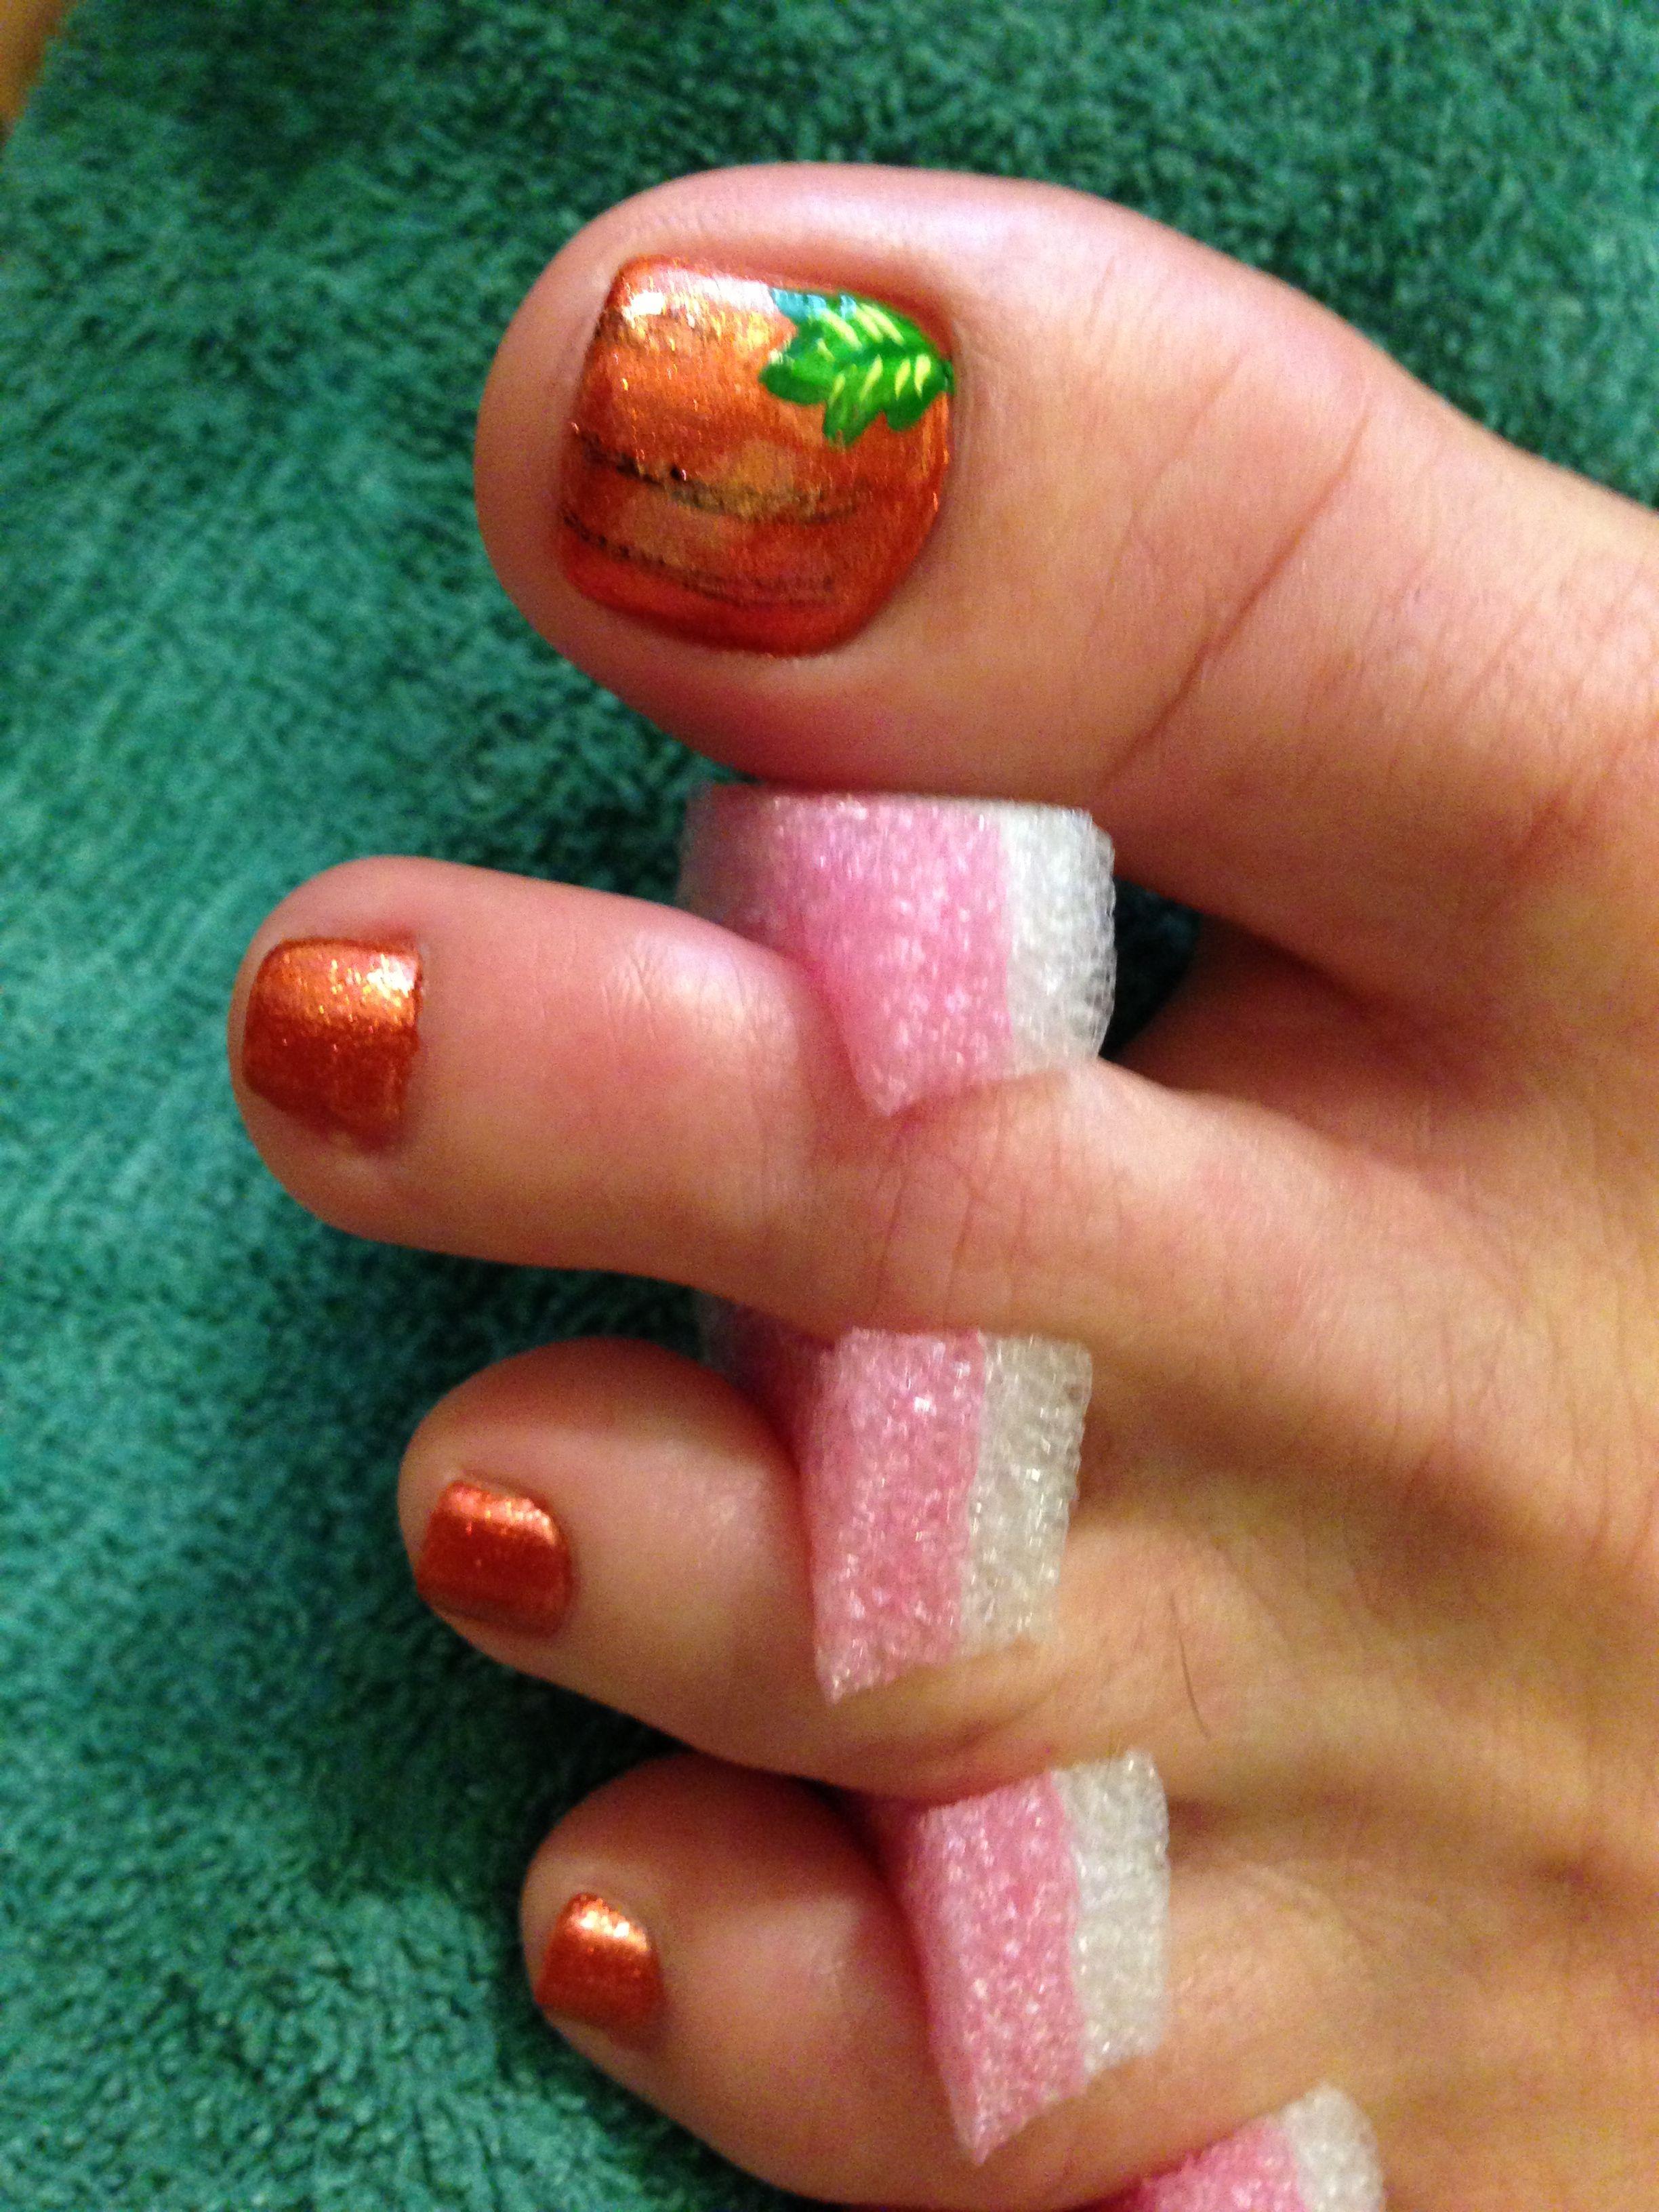 My Mom S Pumpkin Toenails For Fall 2013 Fall Toe Nails Fall Pedicure Fall Pedicure Designs